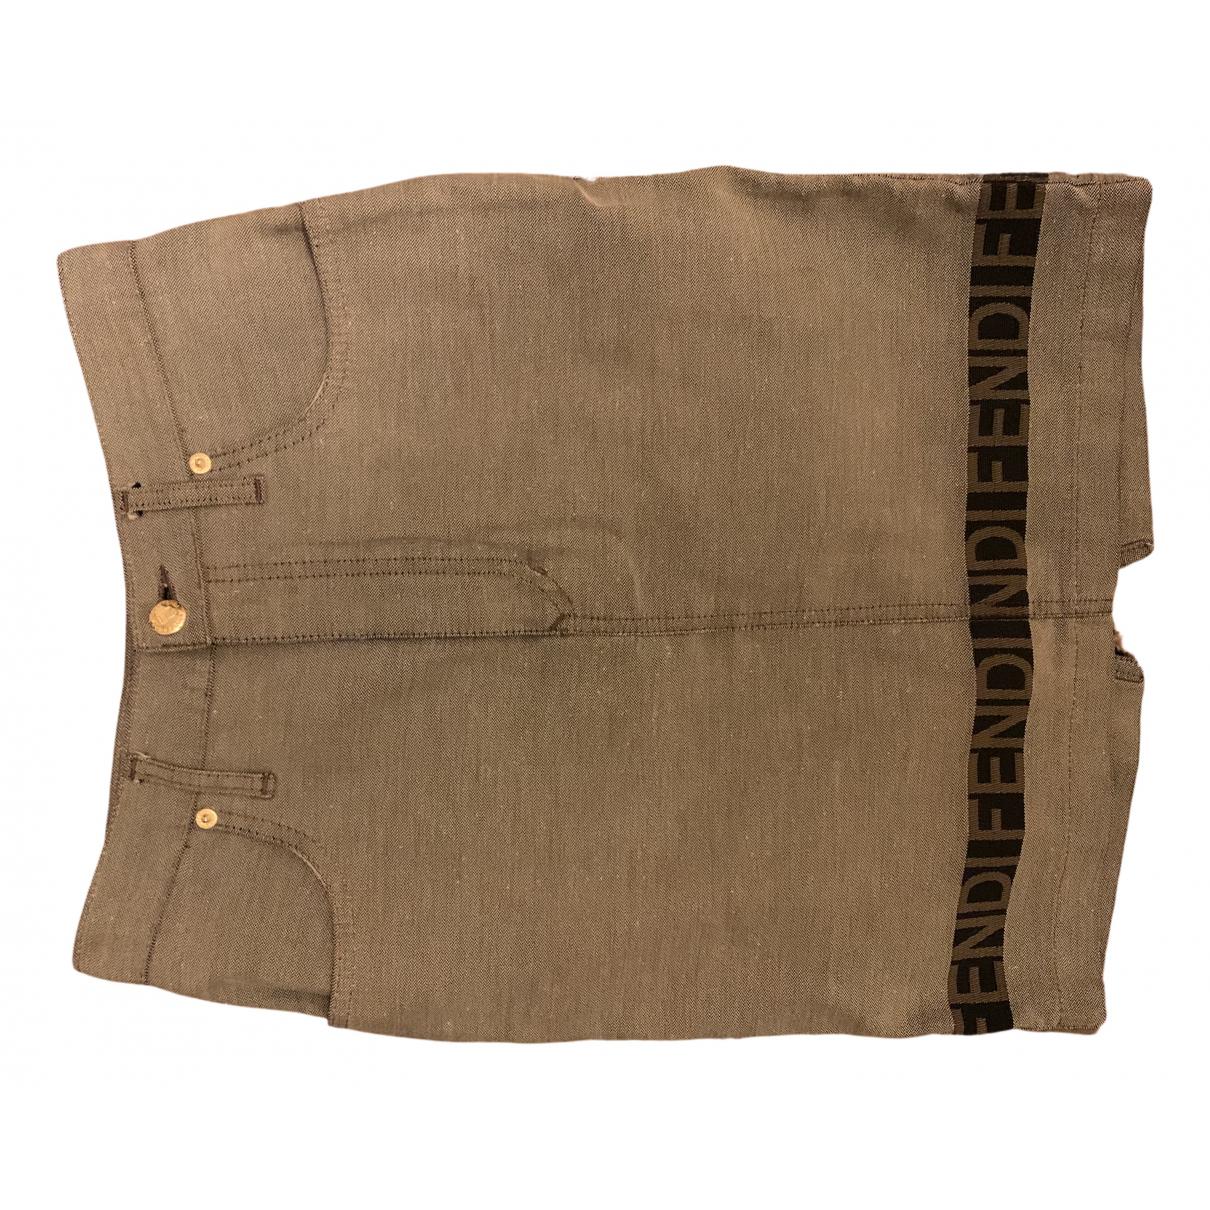 Fendi \N Rocke in Denim - Jeans